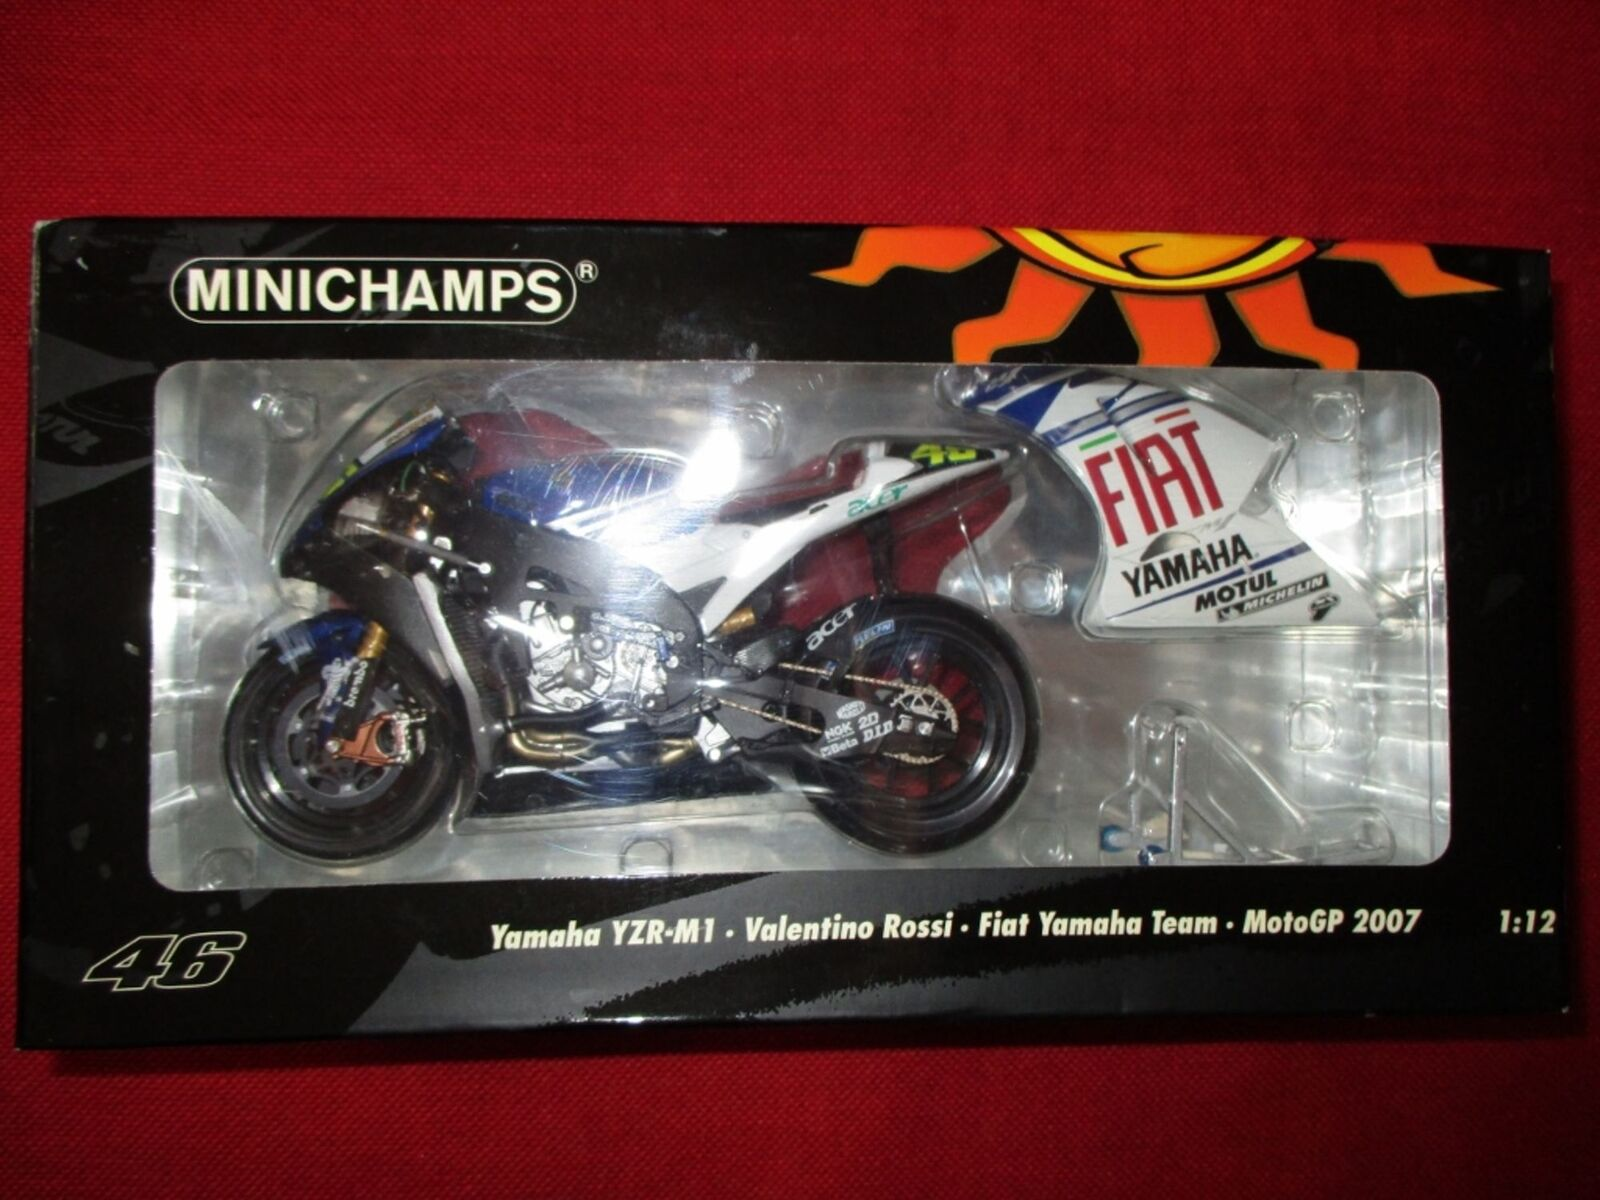 Minichamps ® 122 073046 1 12 YAMAHA yzrm1 V. ROSSI FIAT YAMAHA squadra MOTOGP 2007